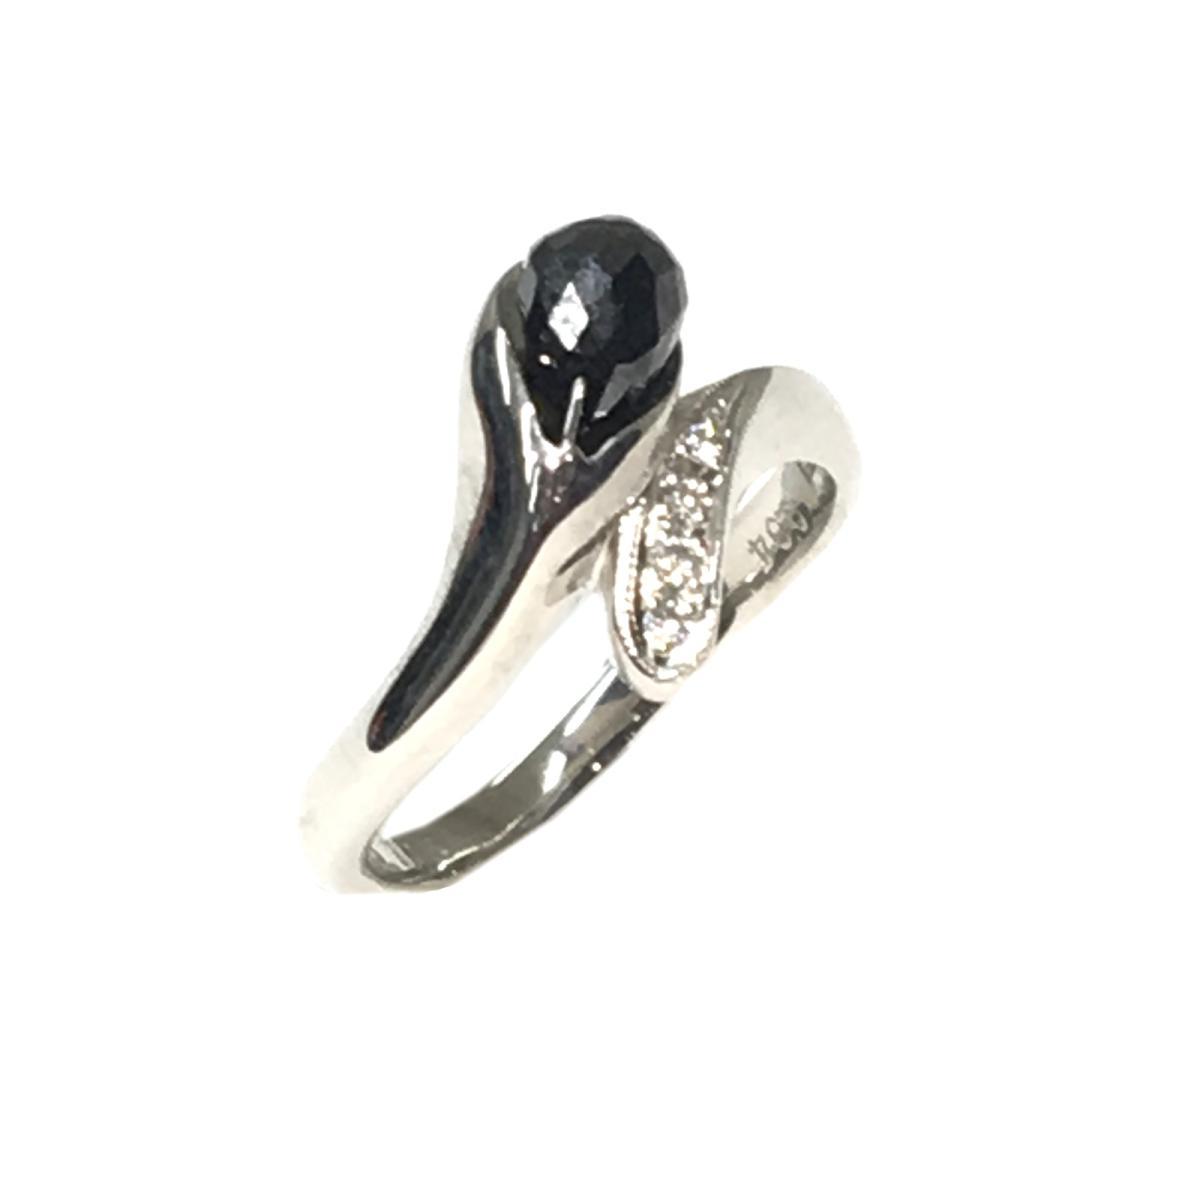 【中古】 ジュエリー ブラックダイヤモンドリング レディース Pt900 (プラチナ)ブラックダイヤモンド (1.35Ct) x ダイヤモンド (0.04Ct) シルバー   JEWELRY BRANDOFF ブランドオフ ブランド アクセサリー 指輪 リング